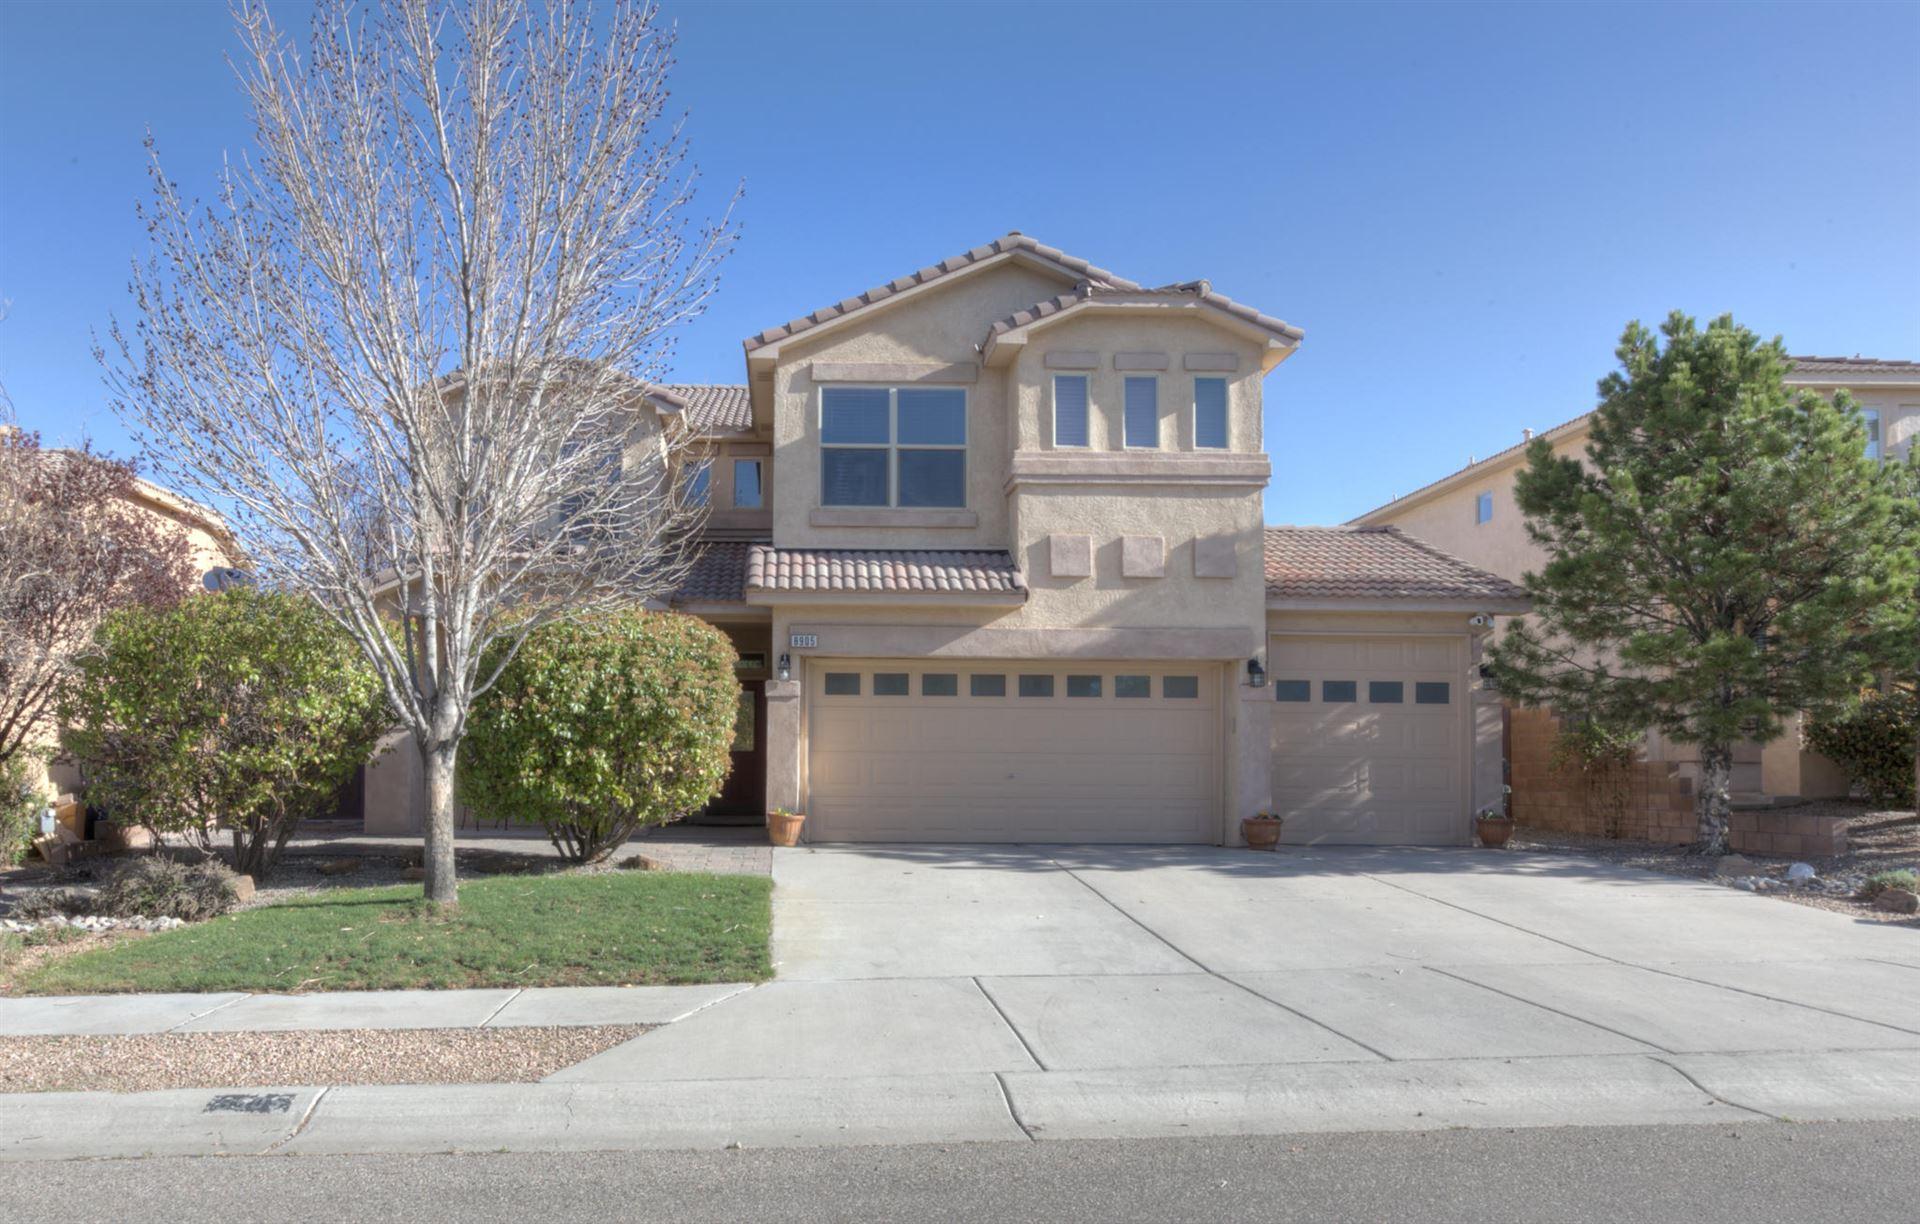 8905 HAMPTON Avenue NE, Albuquerque, NM 87122 - MLS#: 989298